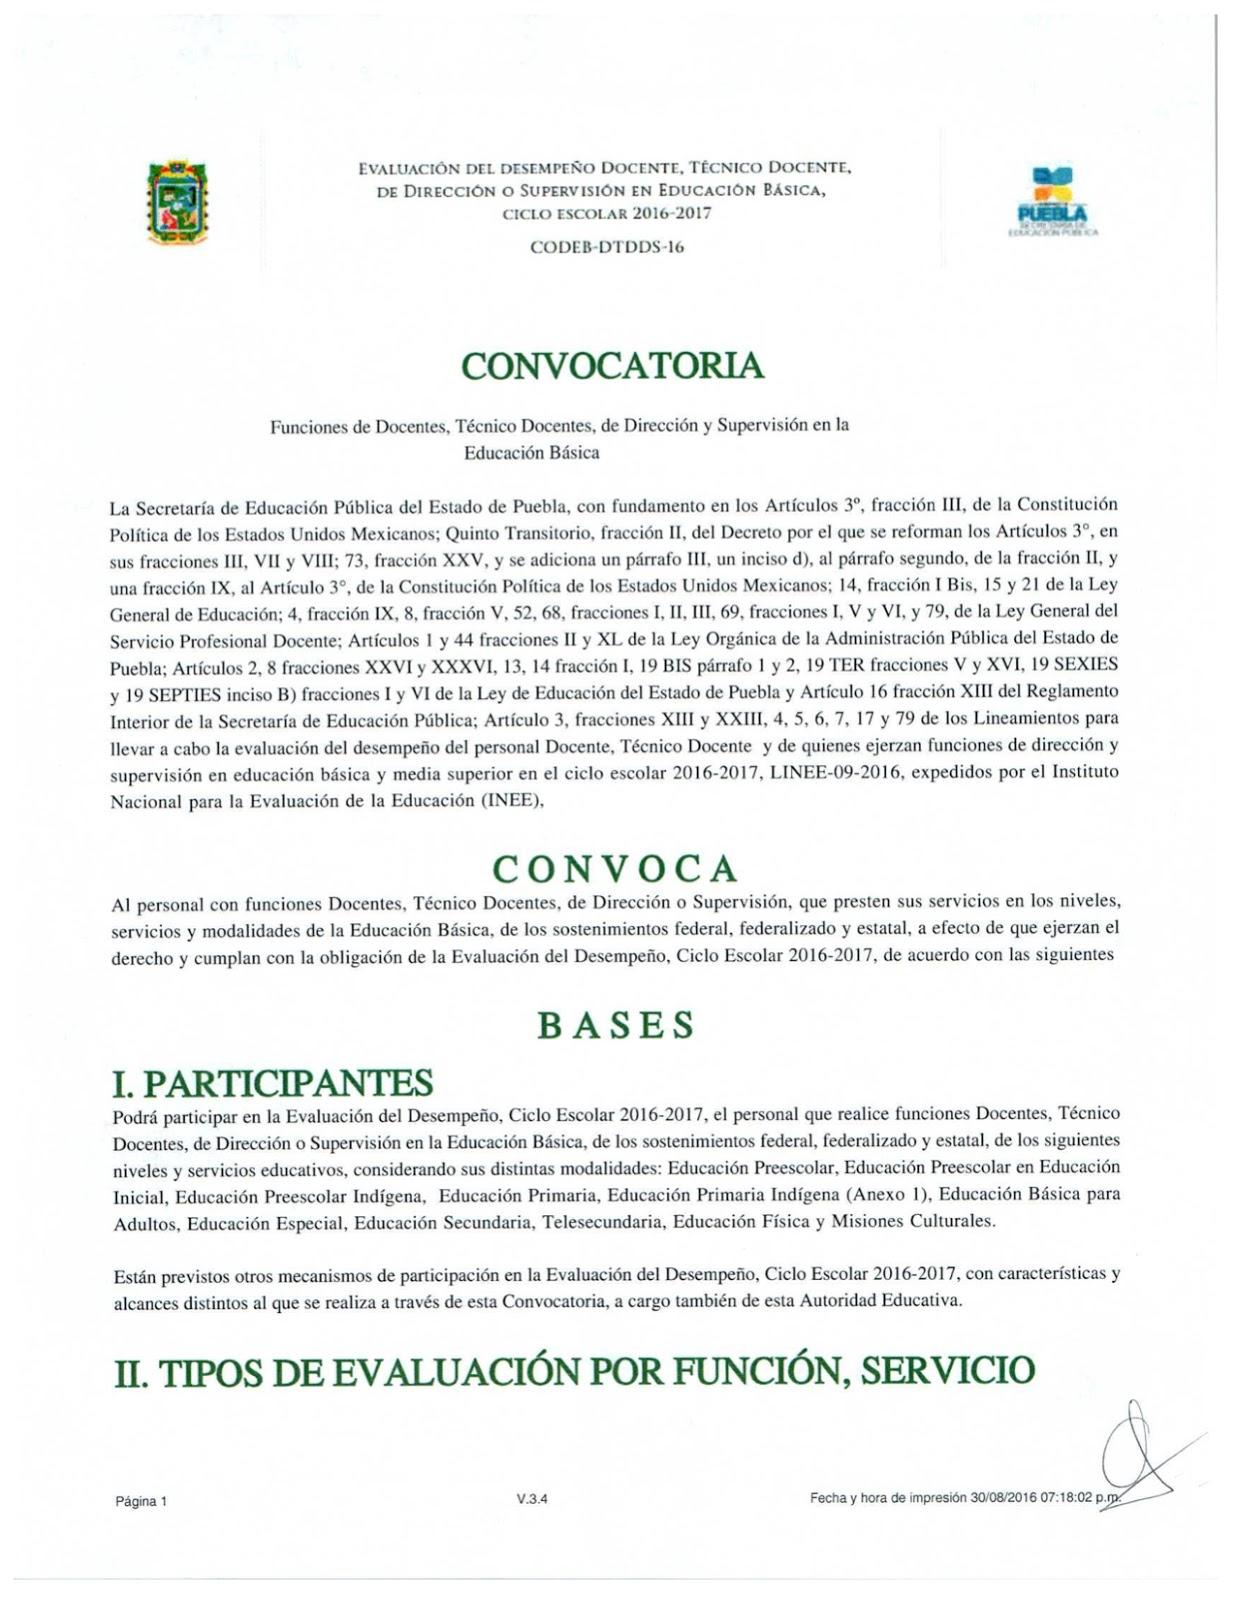 Jefe de ense anza de escuelas secundarias t cnicas for Convocatoria para docentes 2016